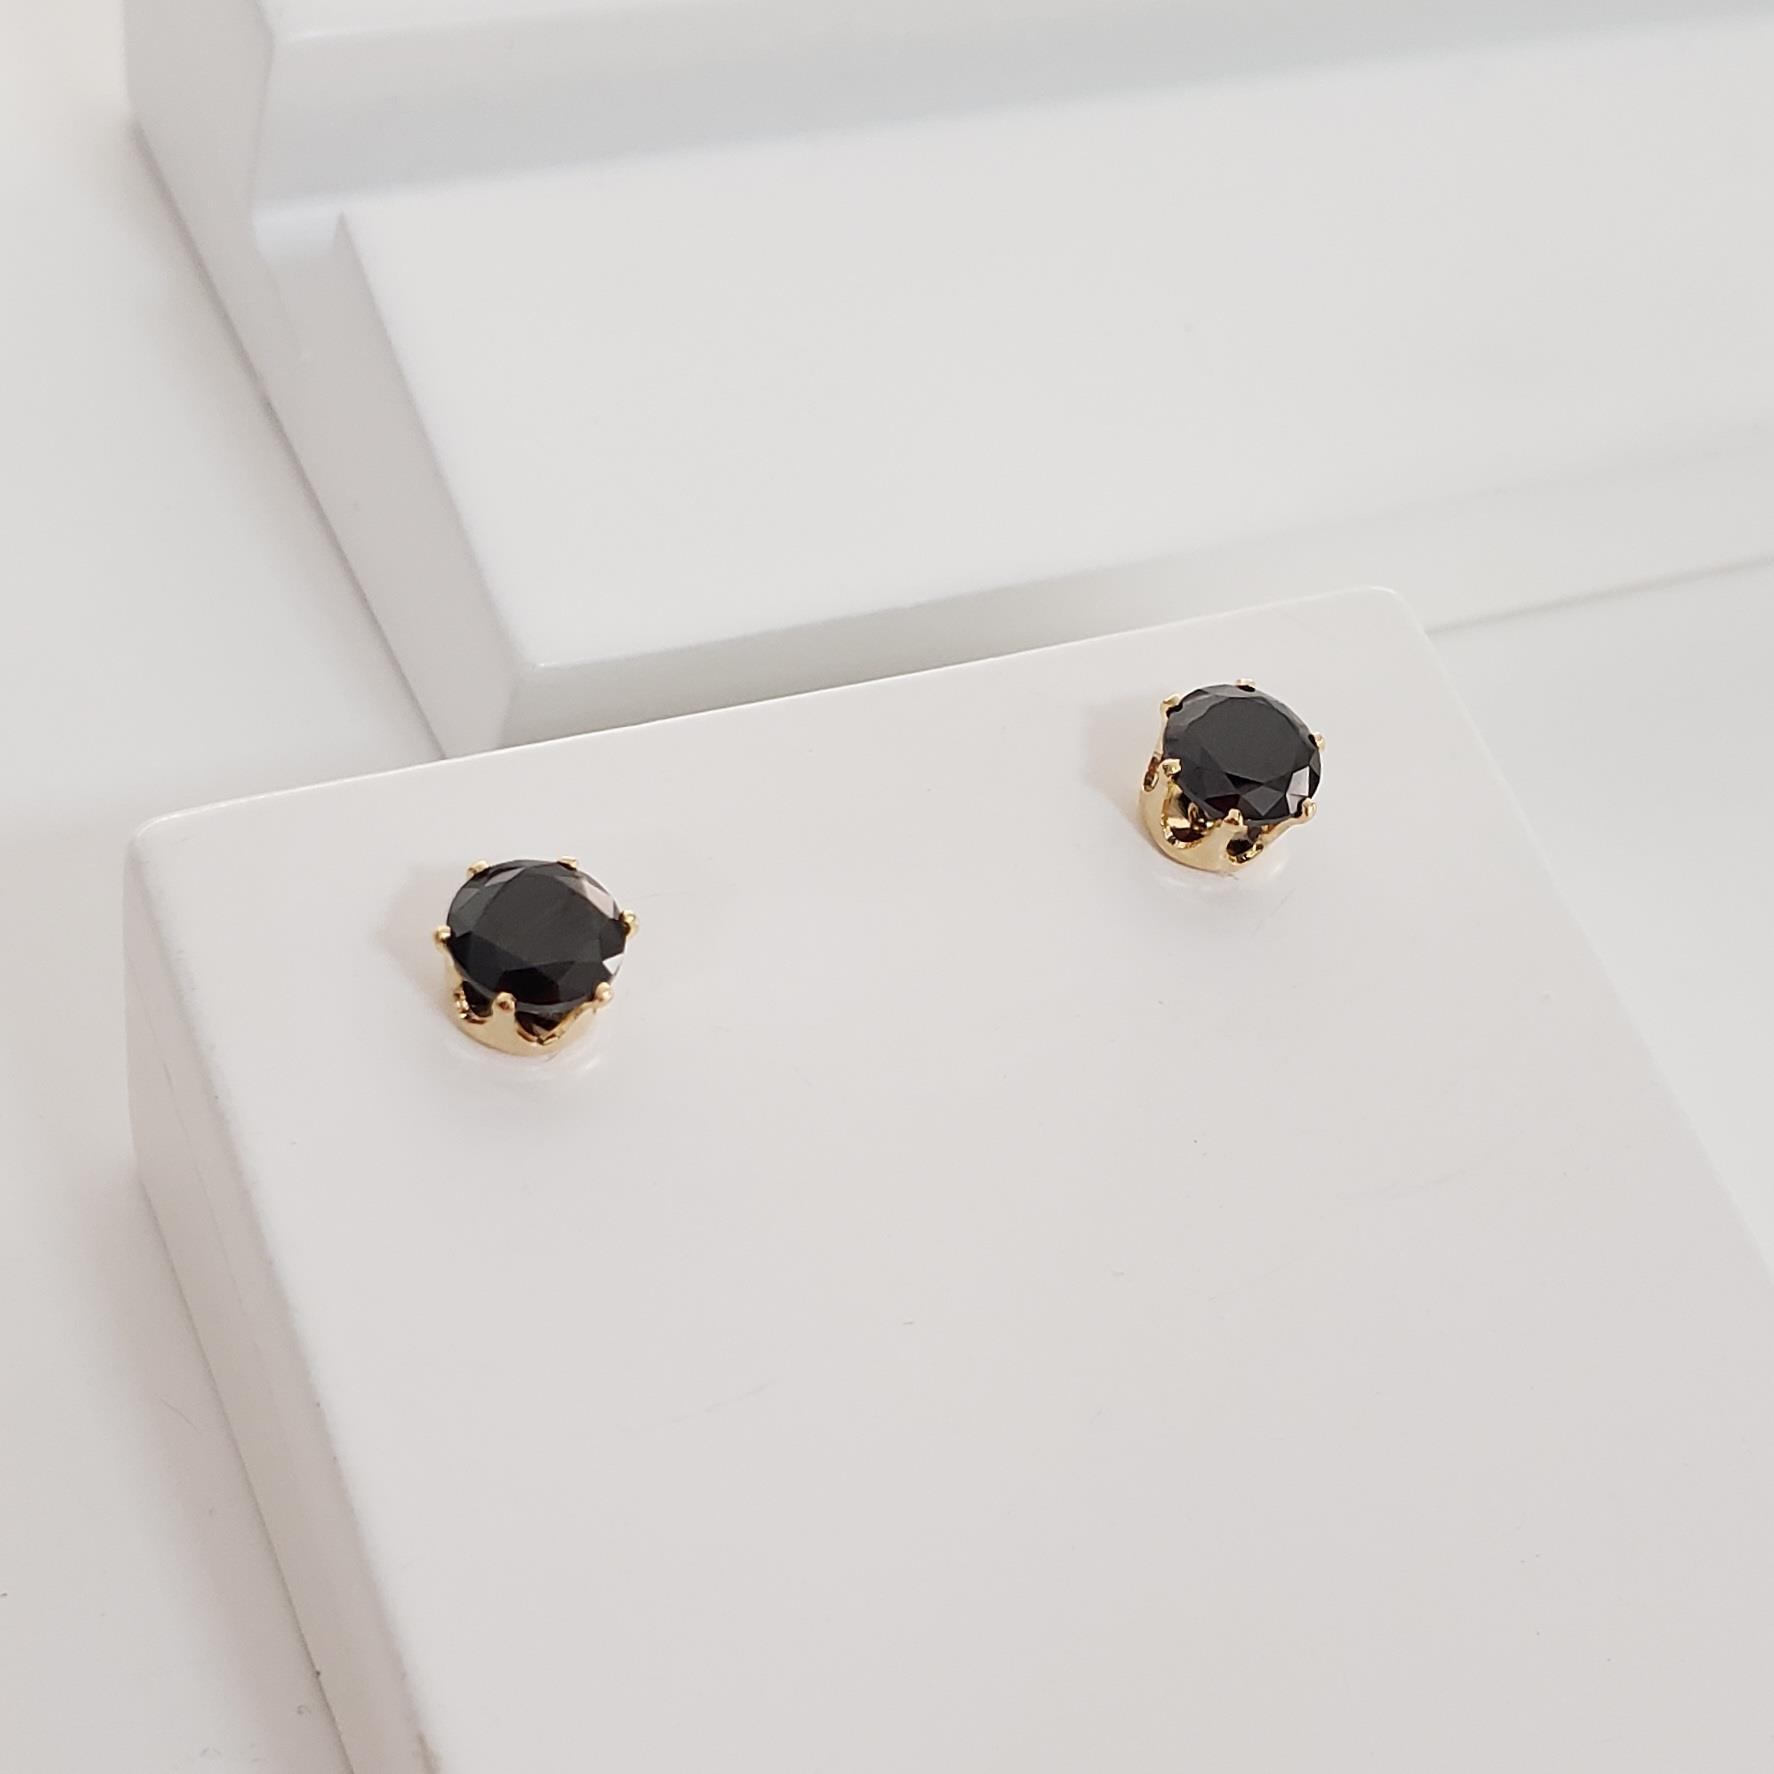 Brinco Botão Ponto Zircônia Negra no Banho Ouro 18k Semijoia